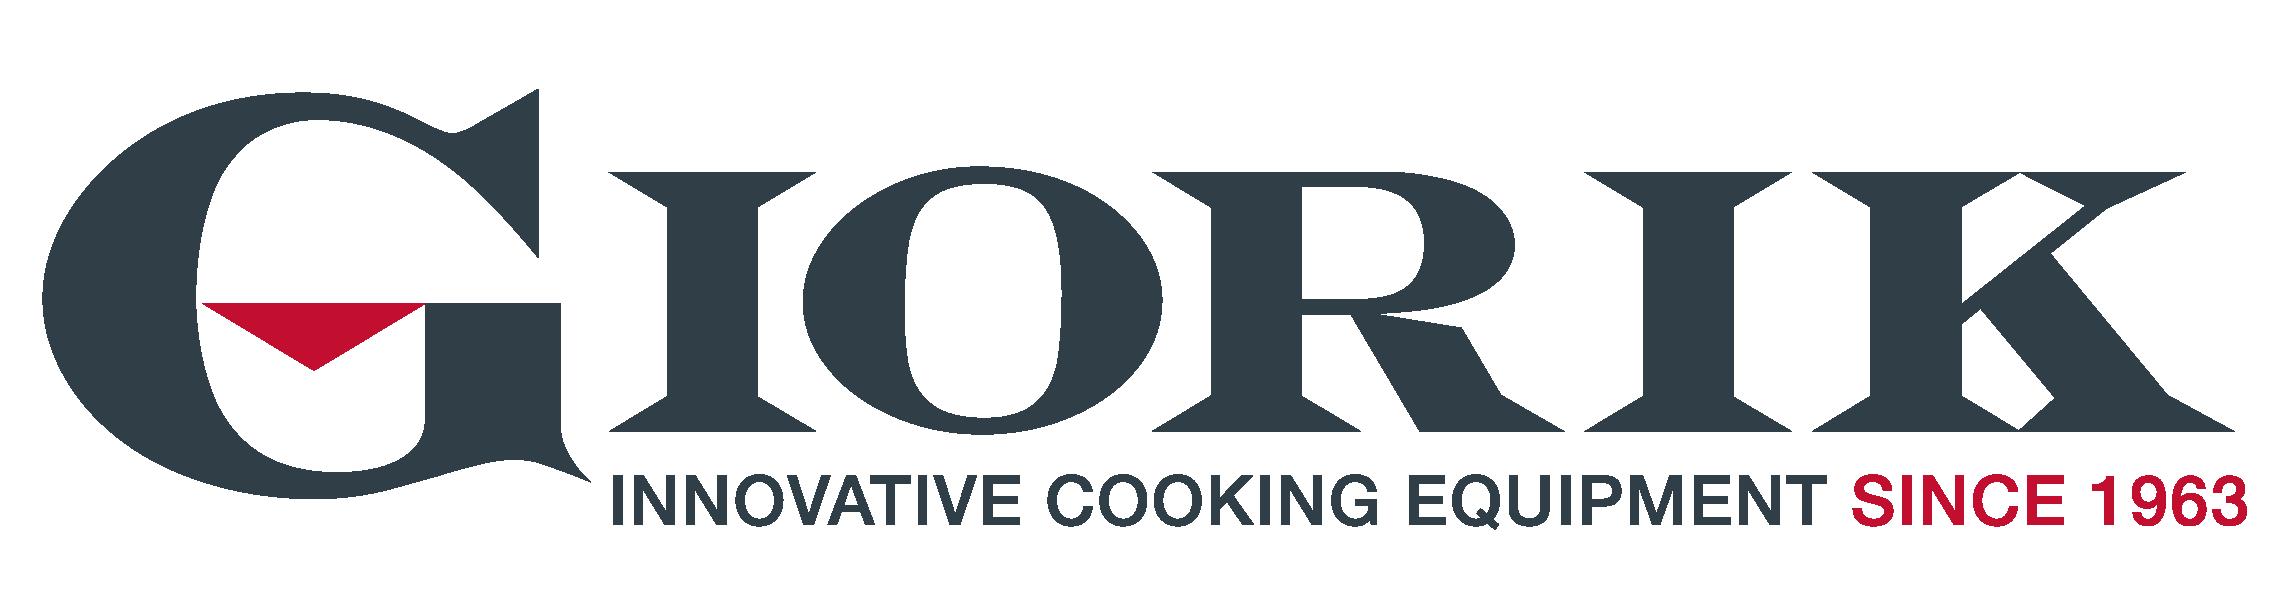 Giorik logo